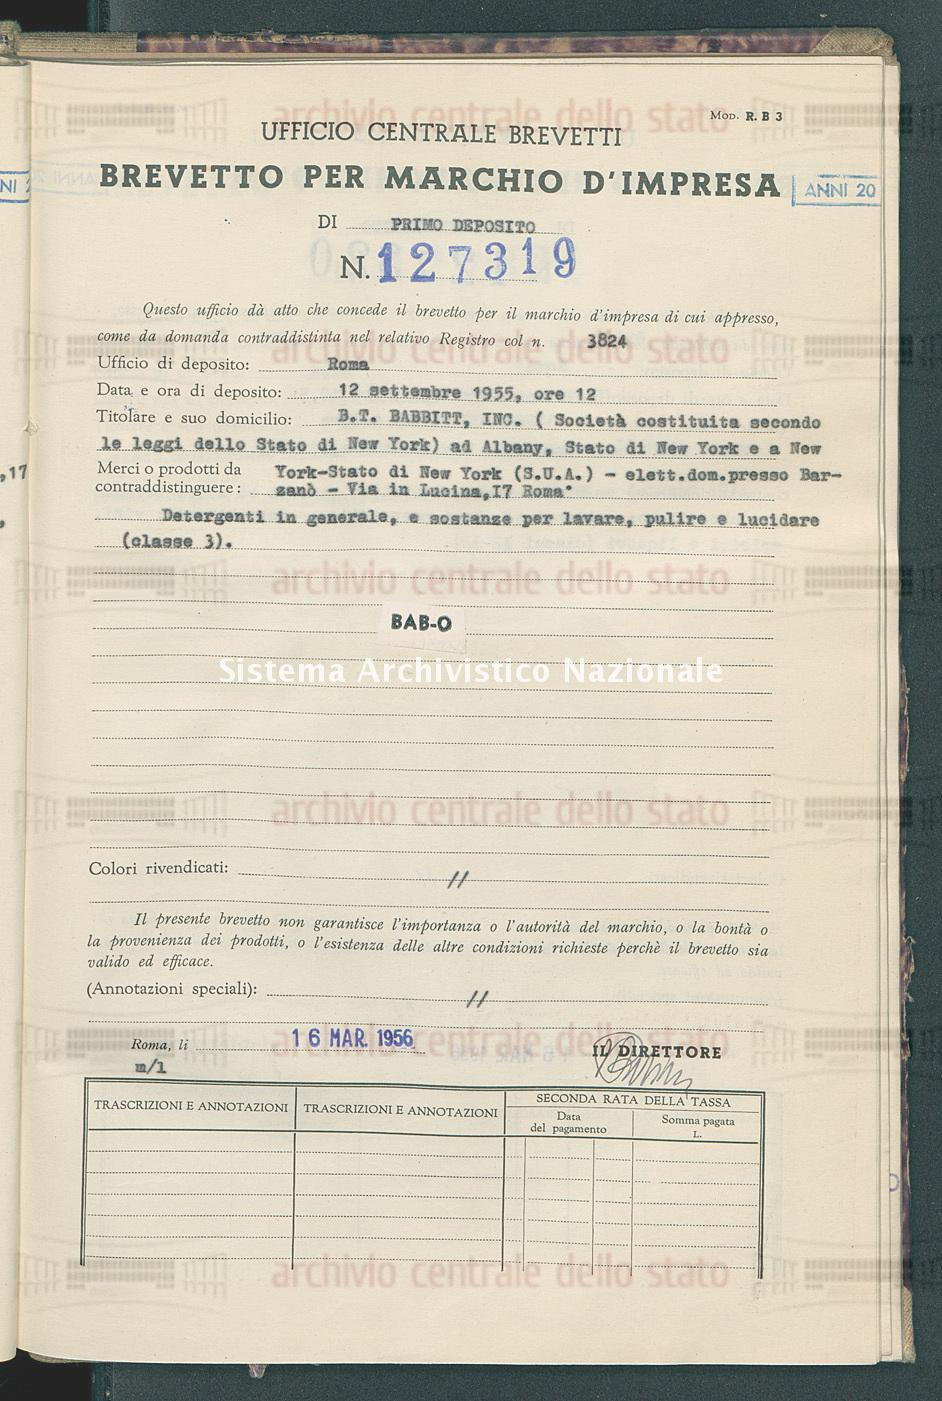 B.T.Babbitt, Inc.(Societa' Costituita Secondo Le Leggi Dello Stato Di New York) (16/03/1956)